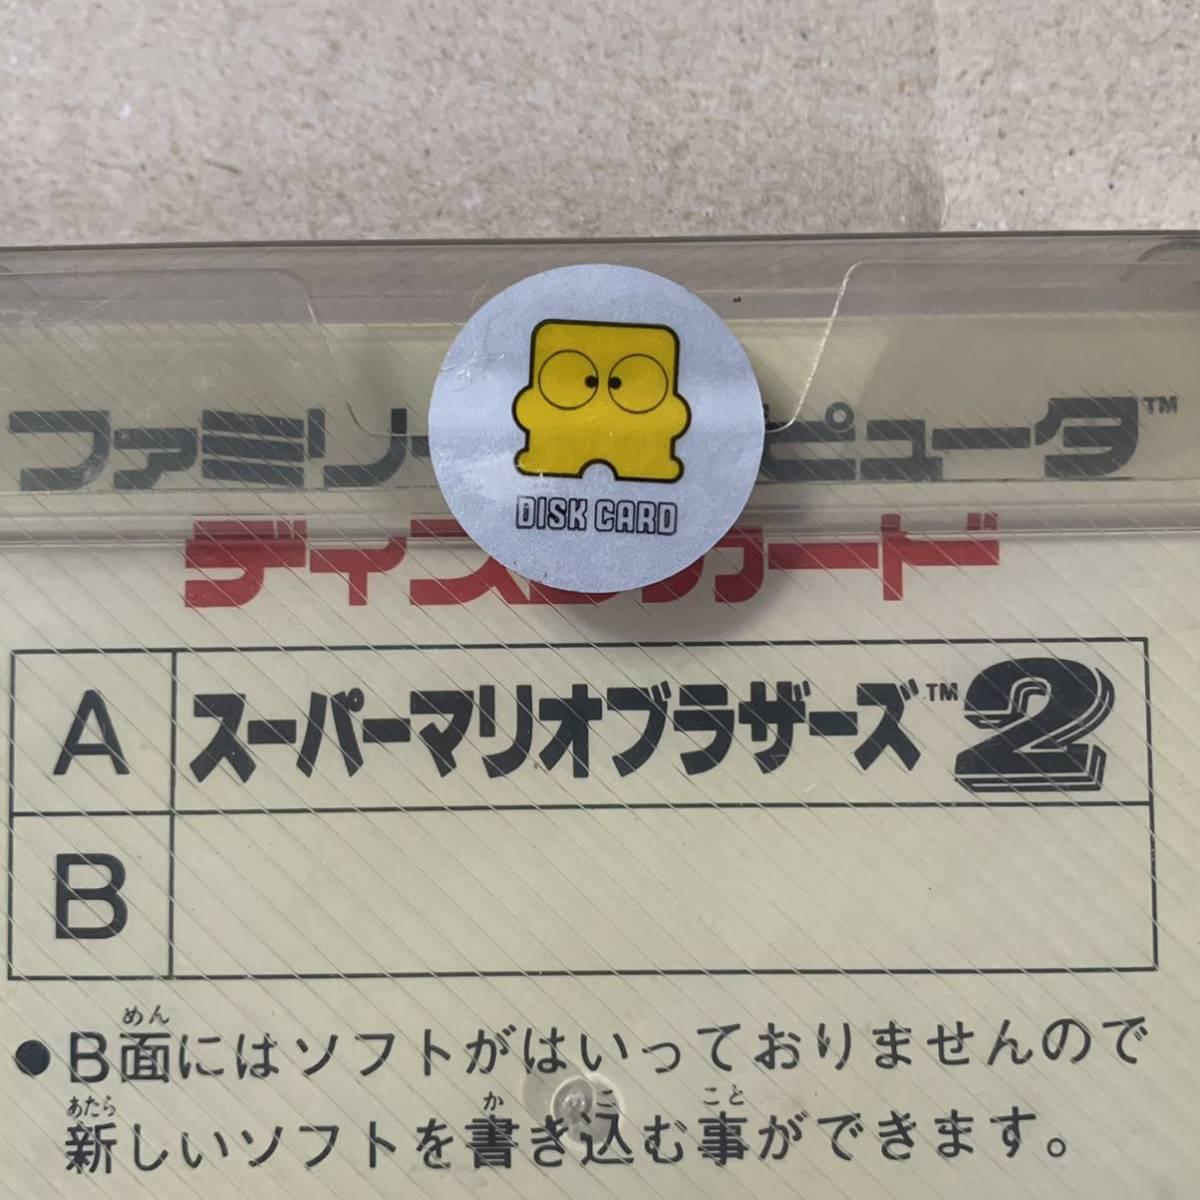 送料込み!■未開封新品 ファミコン ディスクシステム スーパーマリオブラザーズ2 任天堂